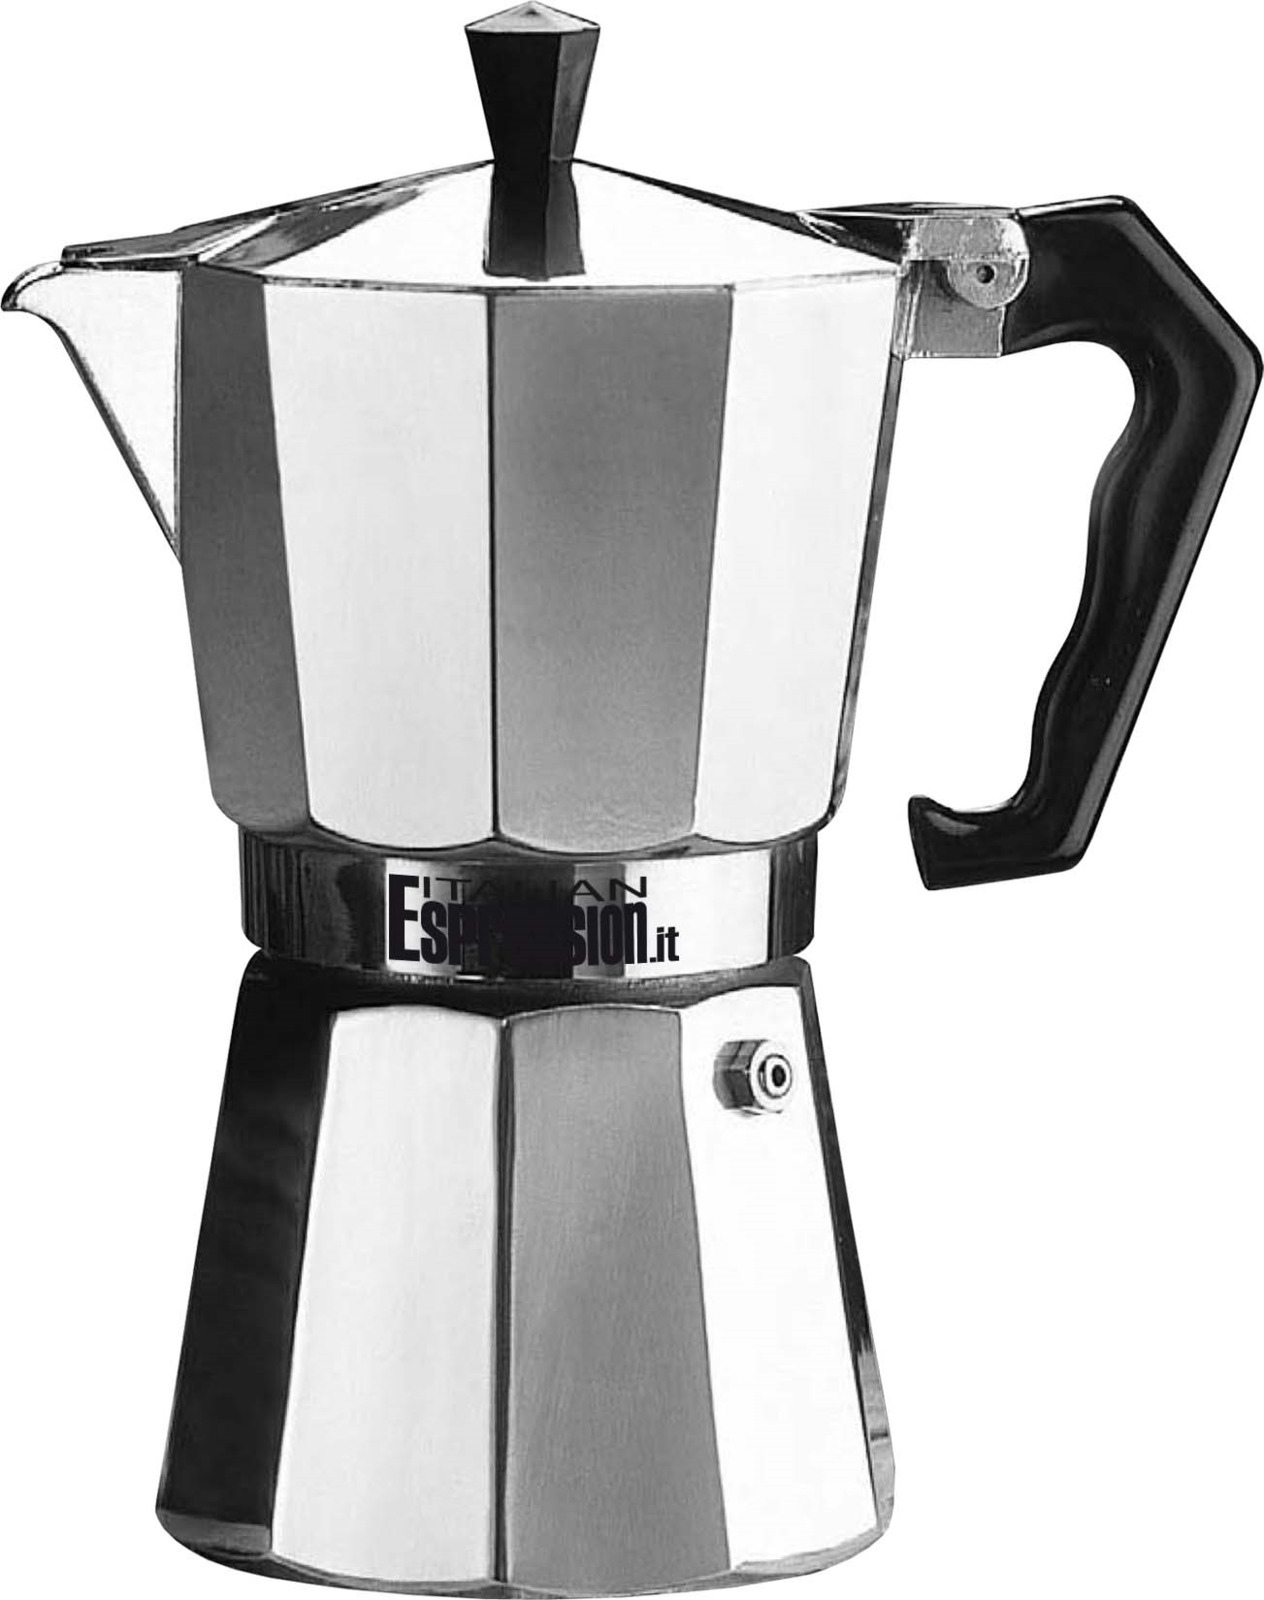 Кофеварка гейзерная G.A.T. 104106 PEPITA. Гейзерная кофеварка - это отличная возможность побаловать себя чашечкой великолепного ароматного кофе. Кофеварка рассчитана на 6 чашек. За считанные минуты прибор приготовит ваш любимый напиток и моментально наполнит кухню изумительным ароматом. Прочная основа придает кофеварке легкость и надежность, а стильный дизайн добавит кухонному интерьеру элегантности и особого шарма. Основные отличительные особенности кофеварок ORZIERA BARLEY: удобный носик для наливания кофе; специальное внутреннее покрытие, обеспечивающее легкую очистку и обслуживание; ручка из термостойкого пластика.